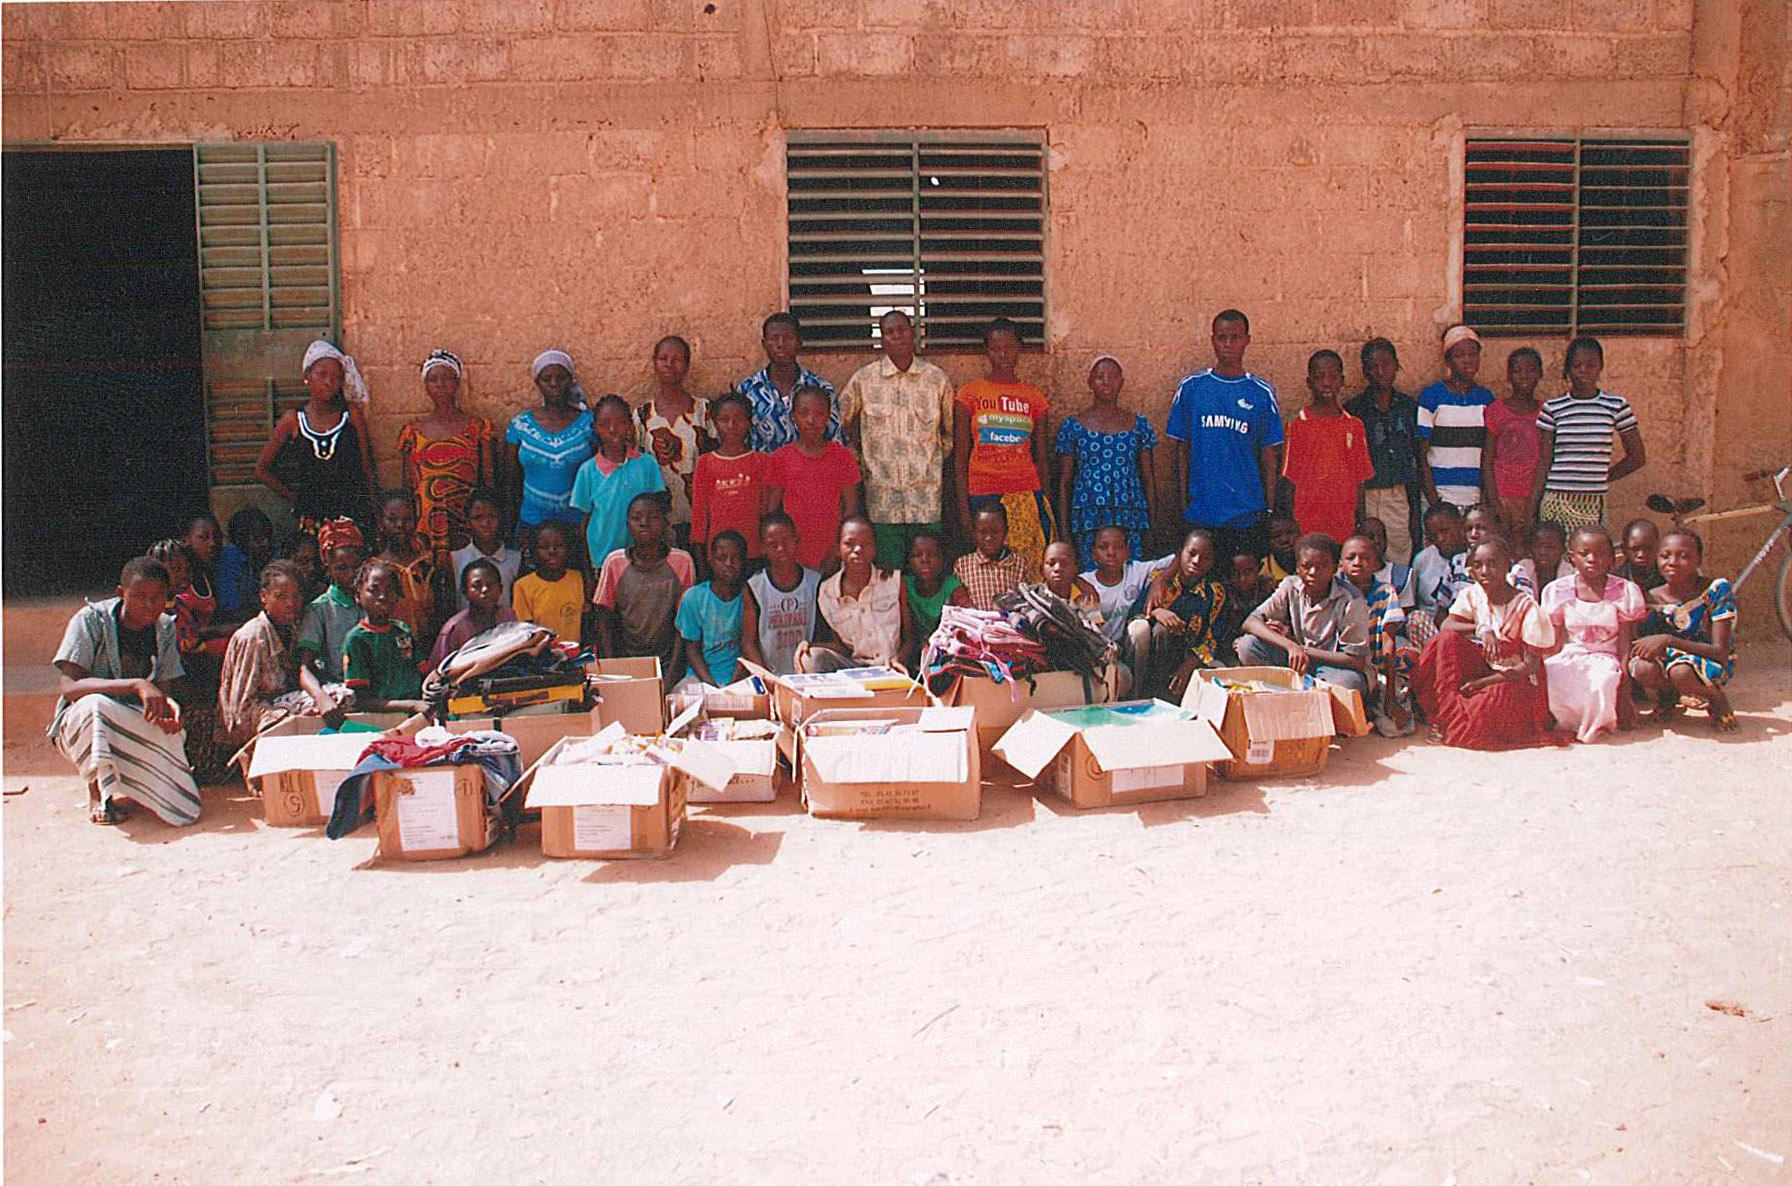 Les enseigants et quelques élèves derrière les cartons